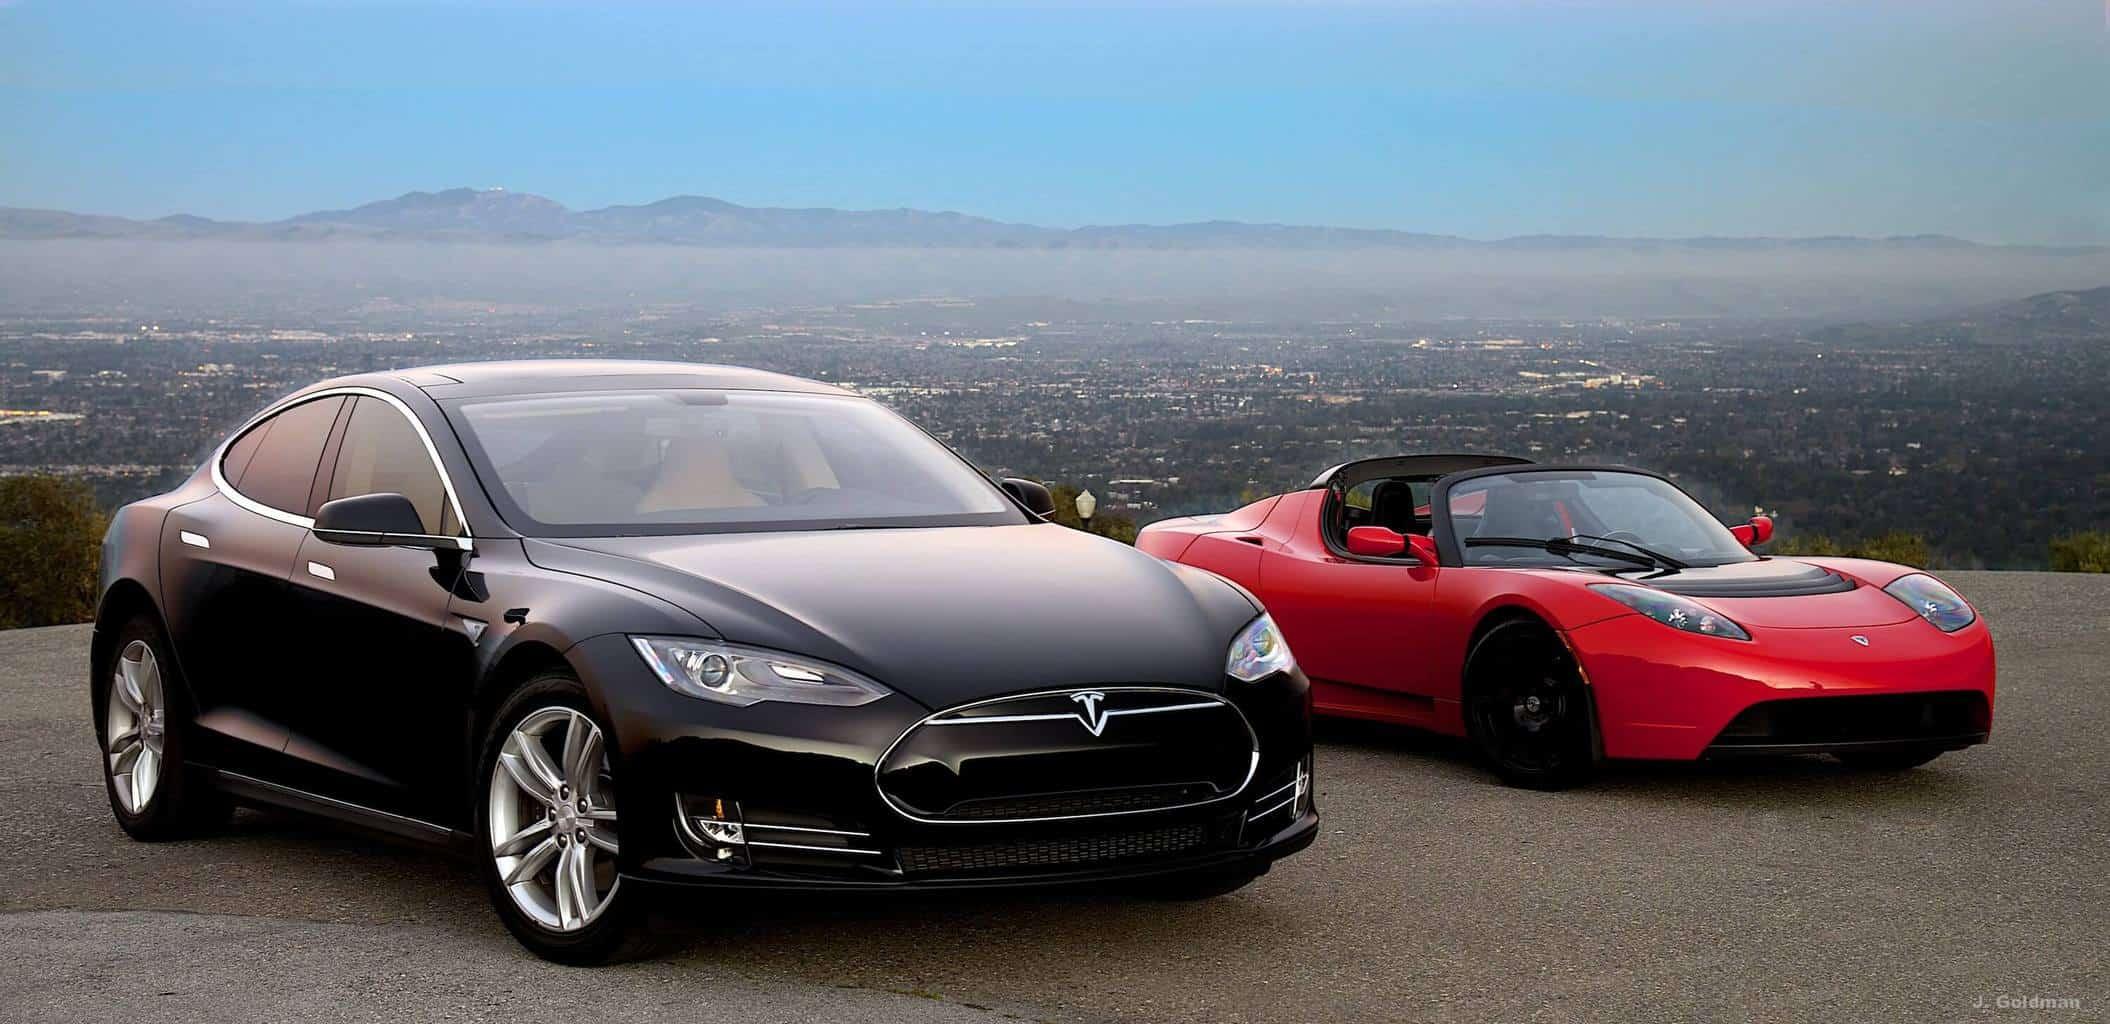 Tesla Motors Inc (NASDAQ:TSLA) Model S and Roadster